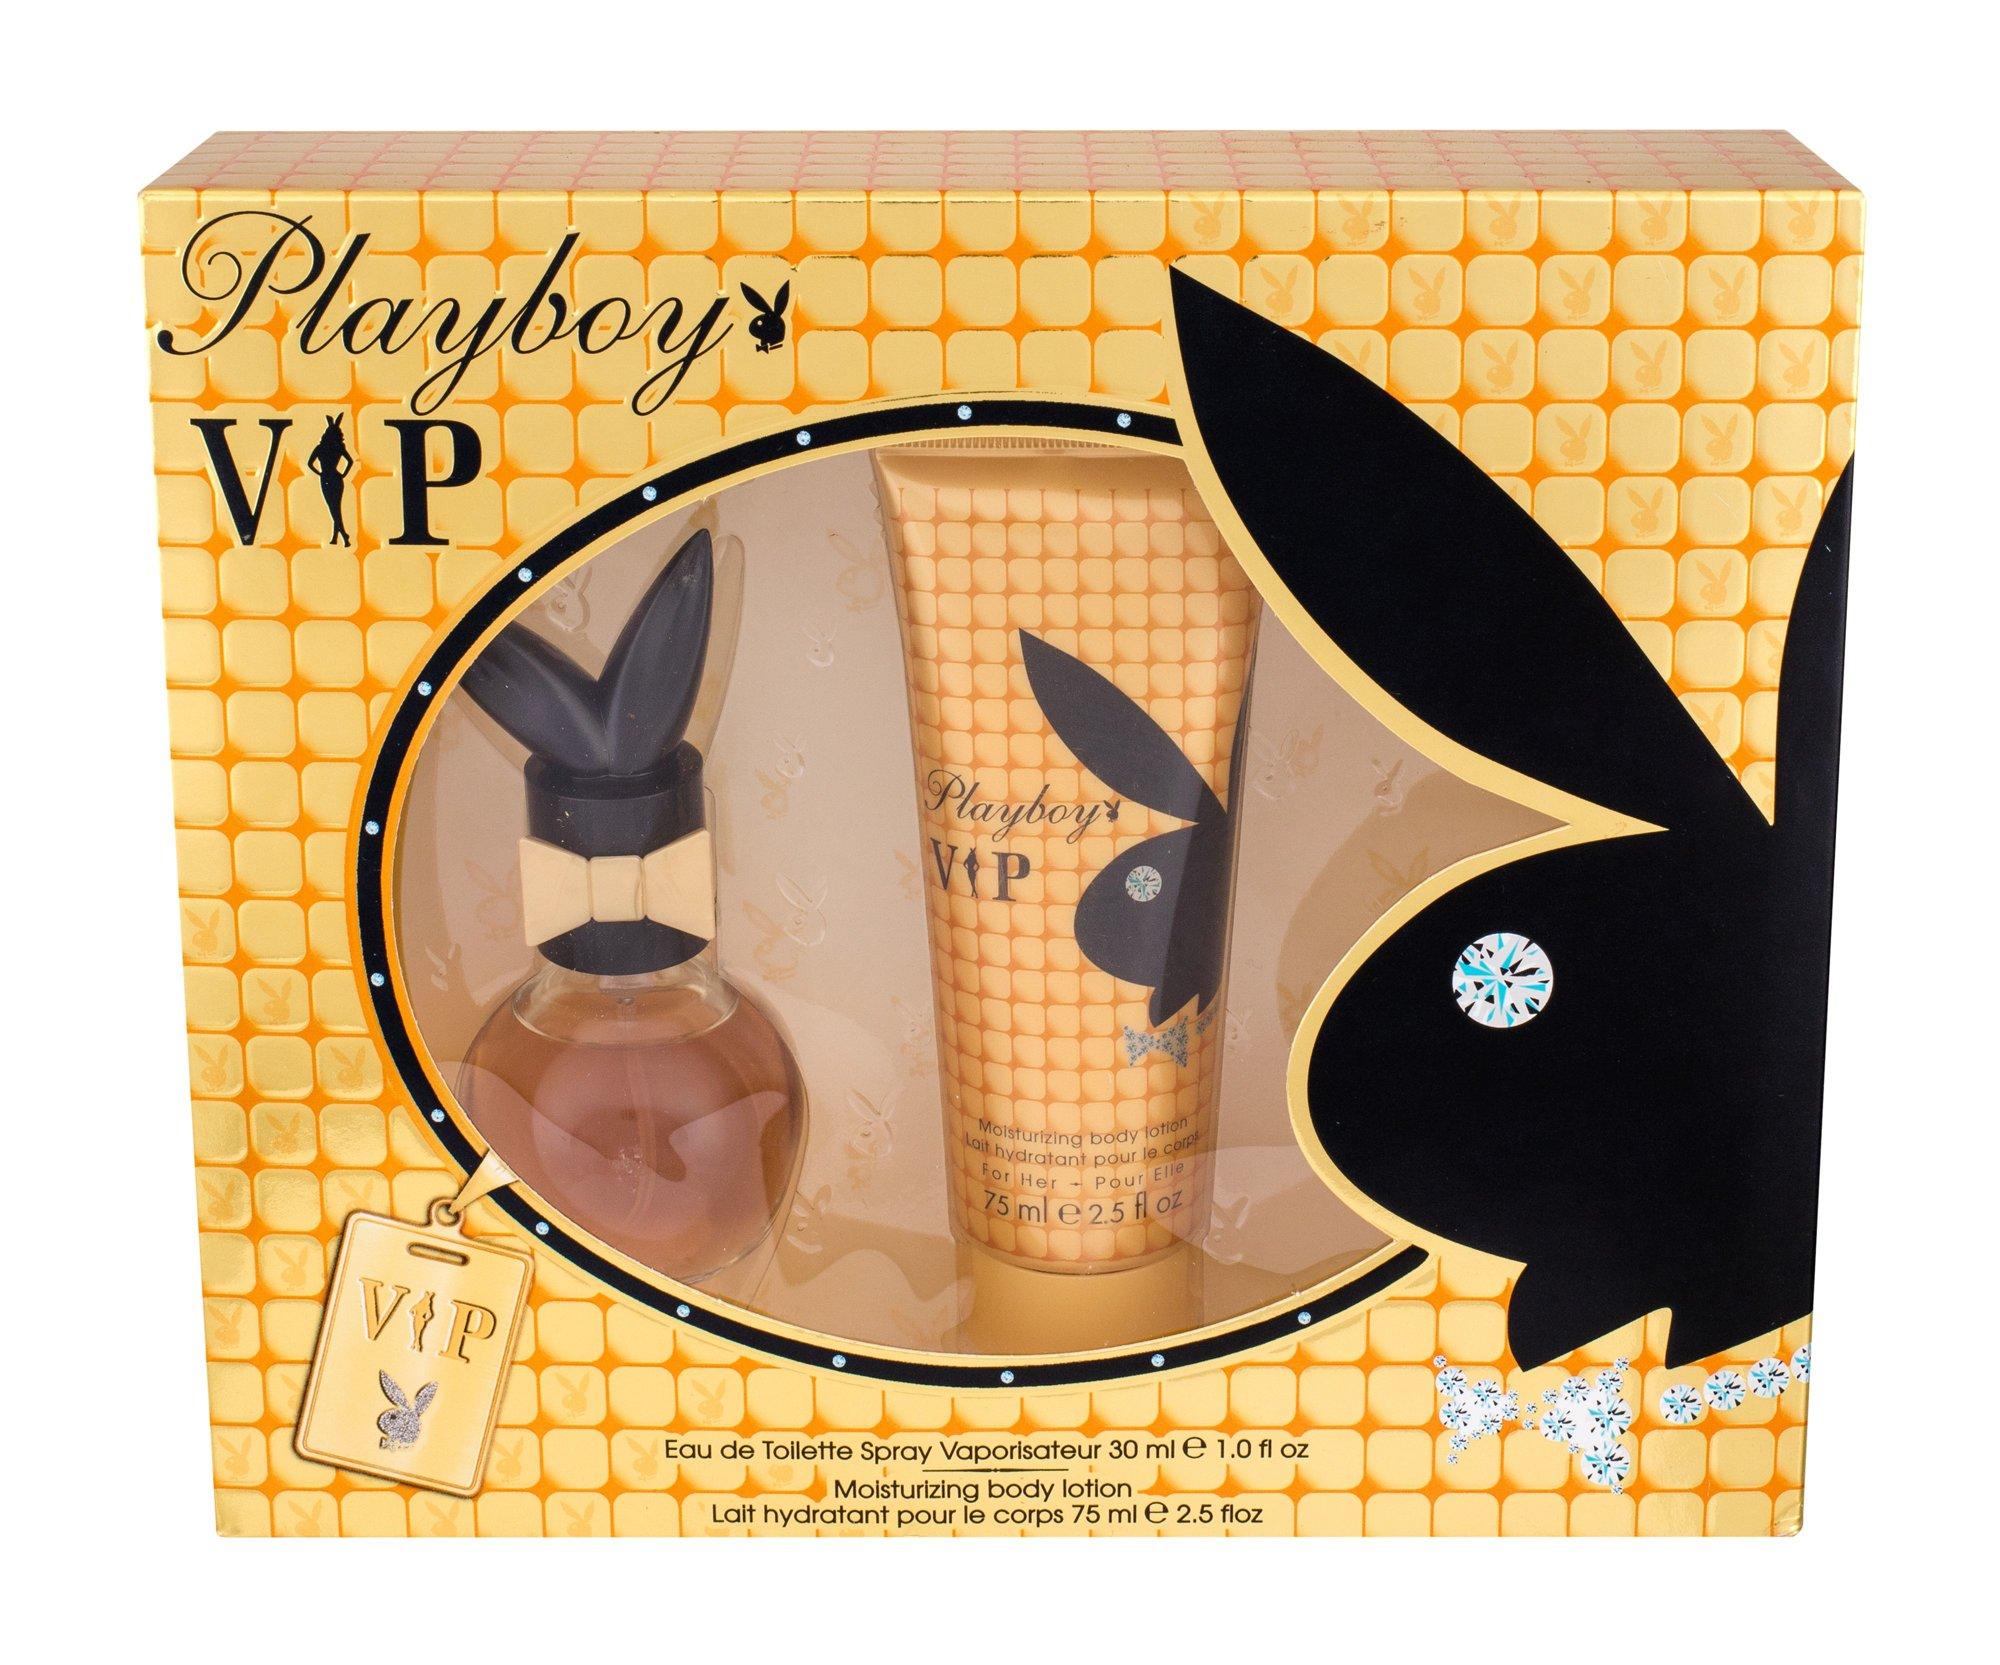 Playboy VIP For Her Eau de Toilette 30ml